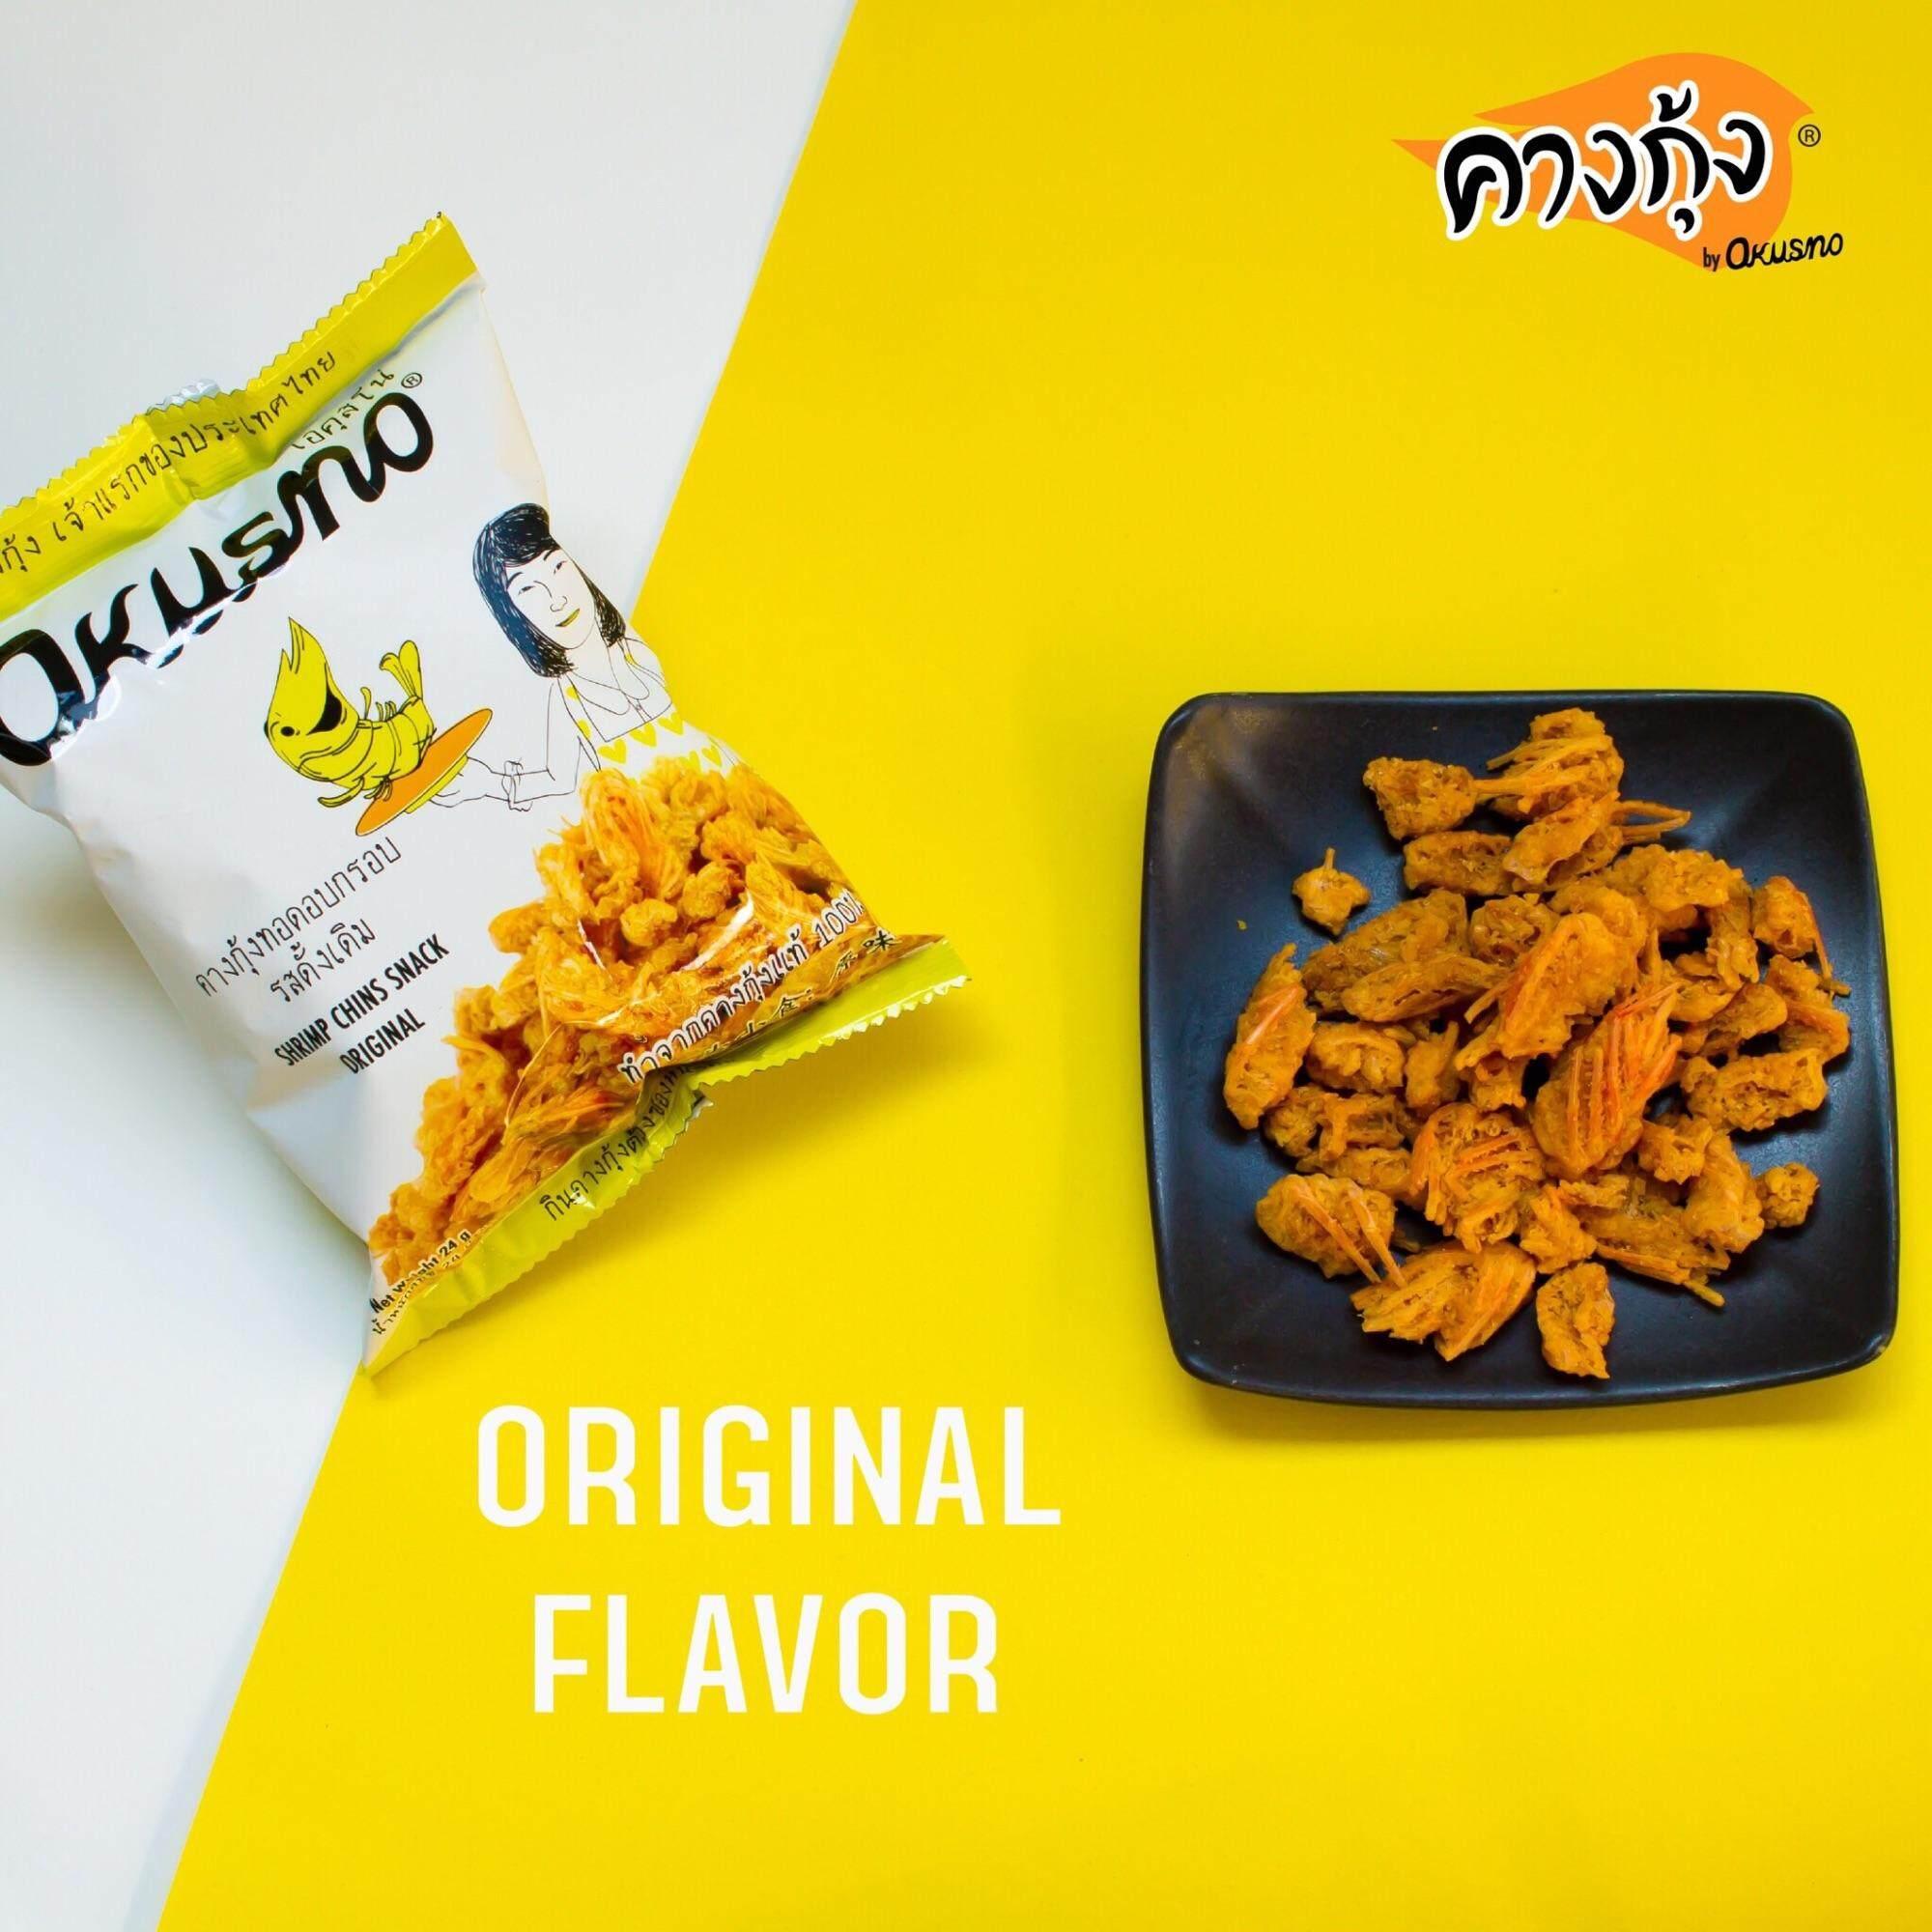 ขนมคางกุ้ง รสดั้งเดิม 24g(original)6ห่อ By Okusno Snack.